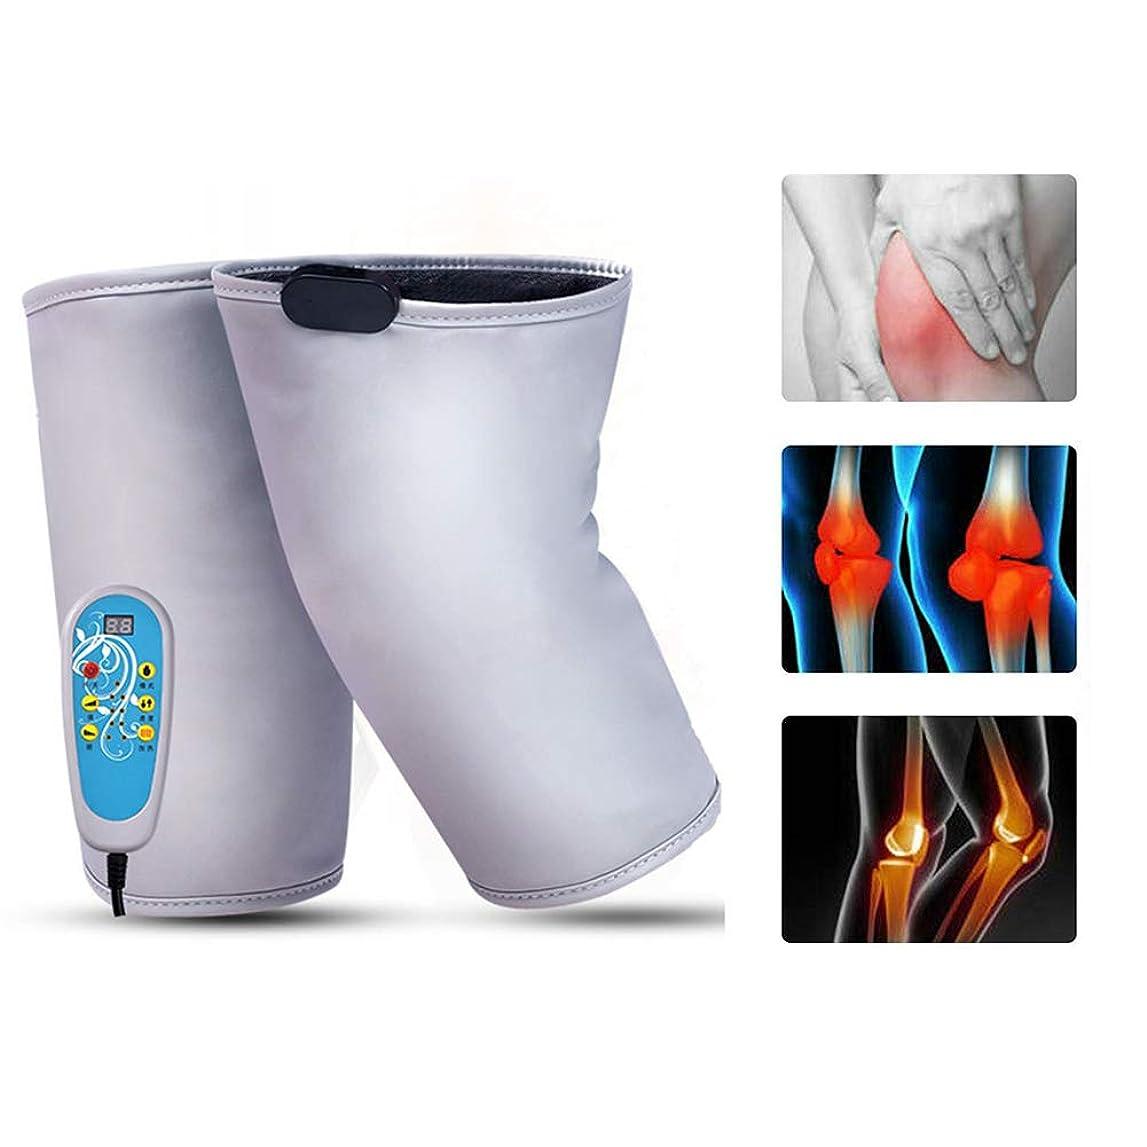 アパート地域是正暖房膝装具サポート1対加熱膝パッドウォームラップ - 膝のけが、痛みを軽減するための9マッサージモードのセラピーマッサージャー